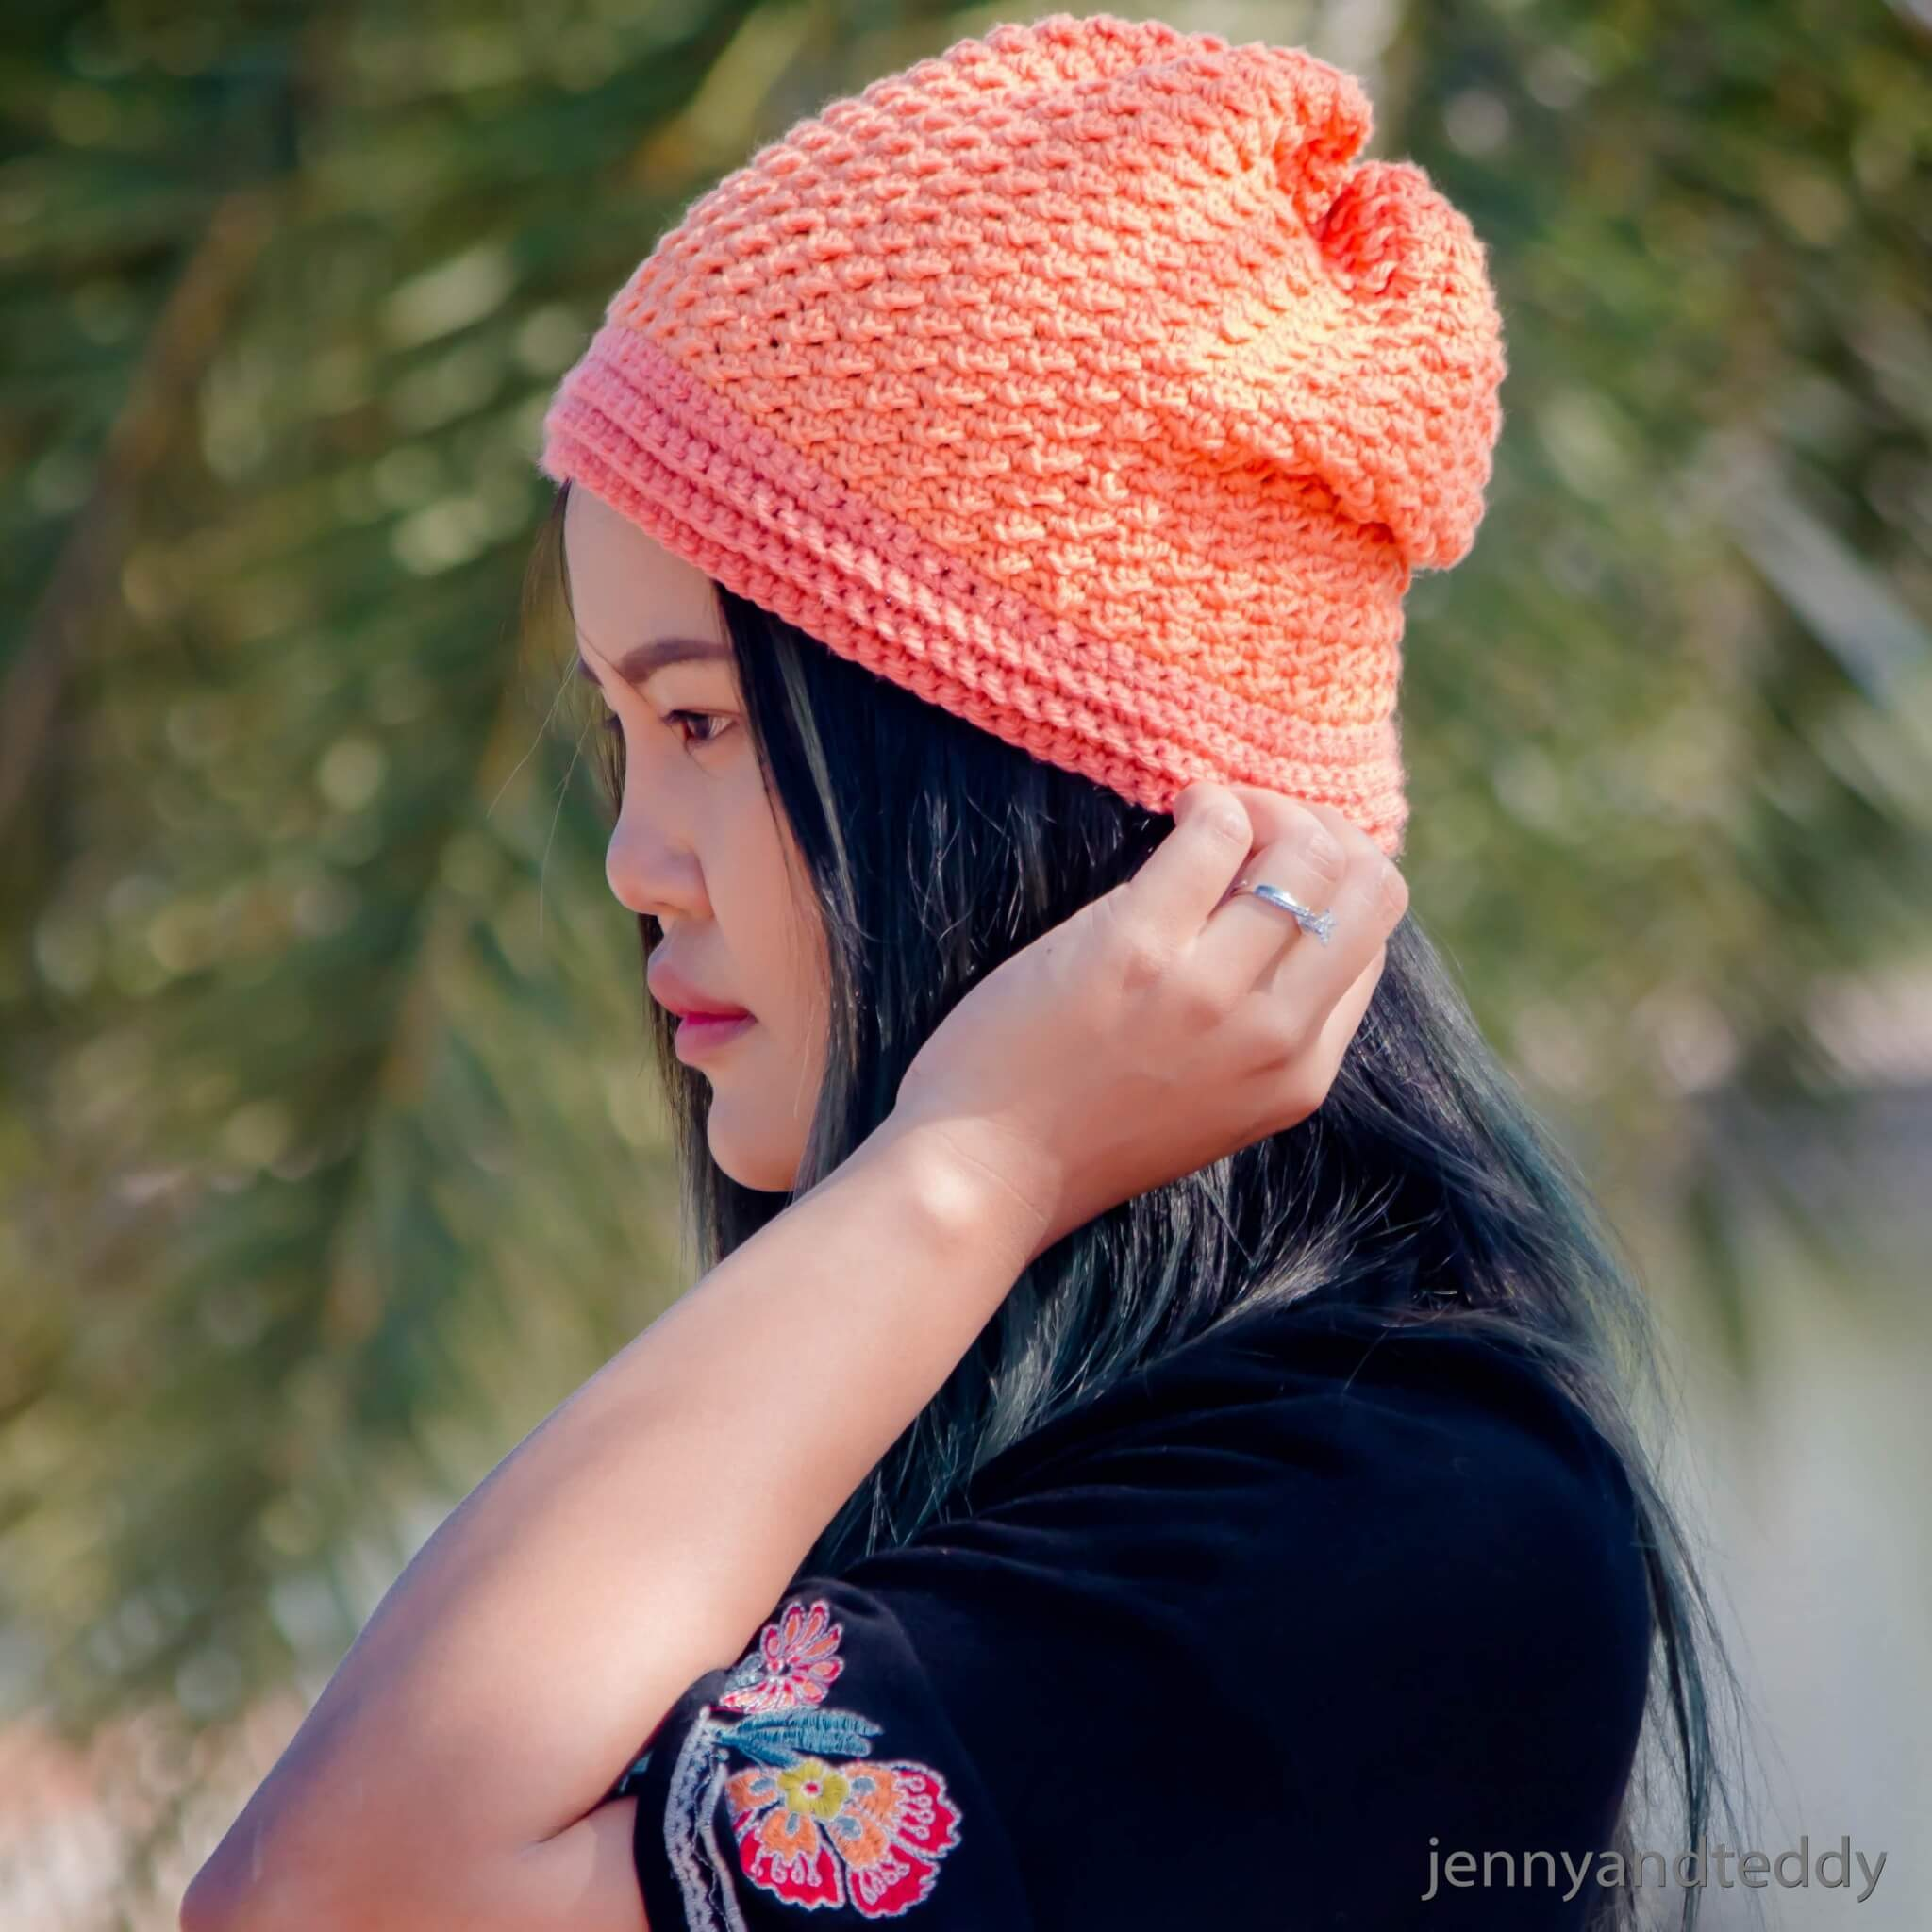 1abigail beanie hat free crochet pattern tutorial